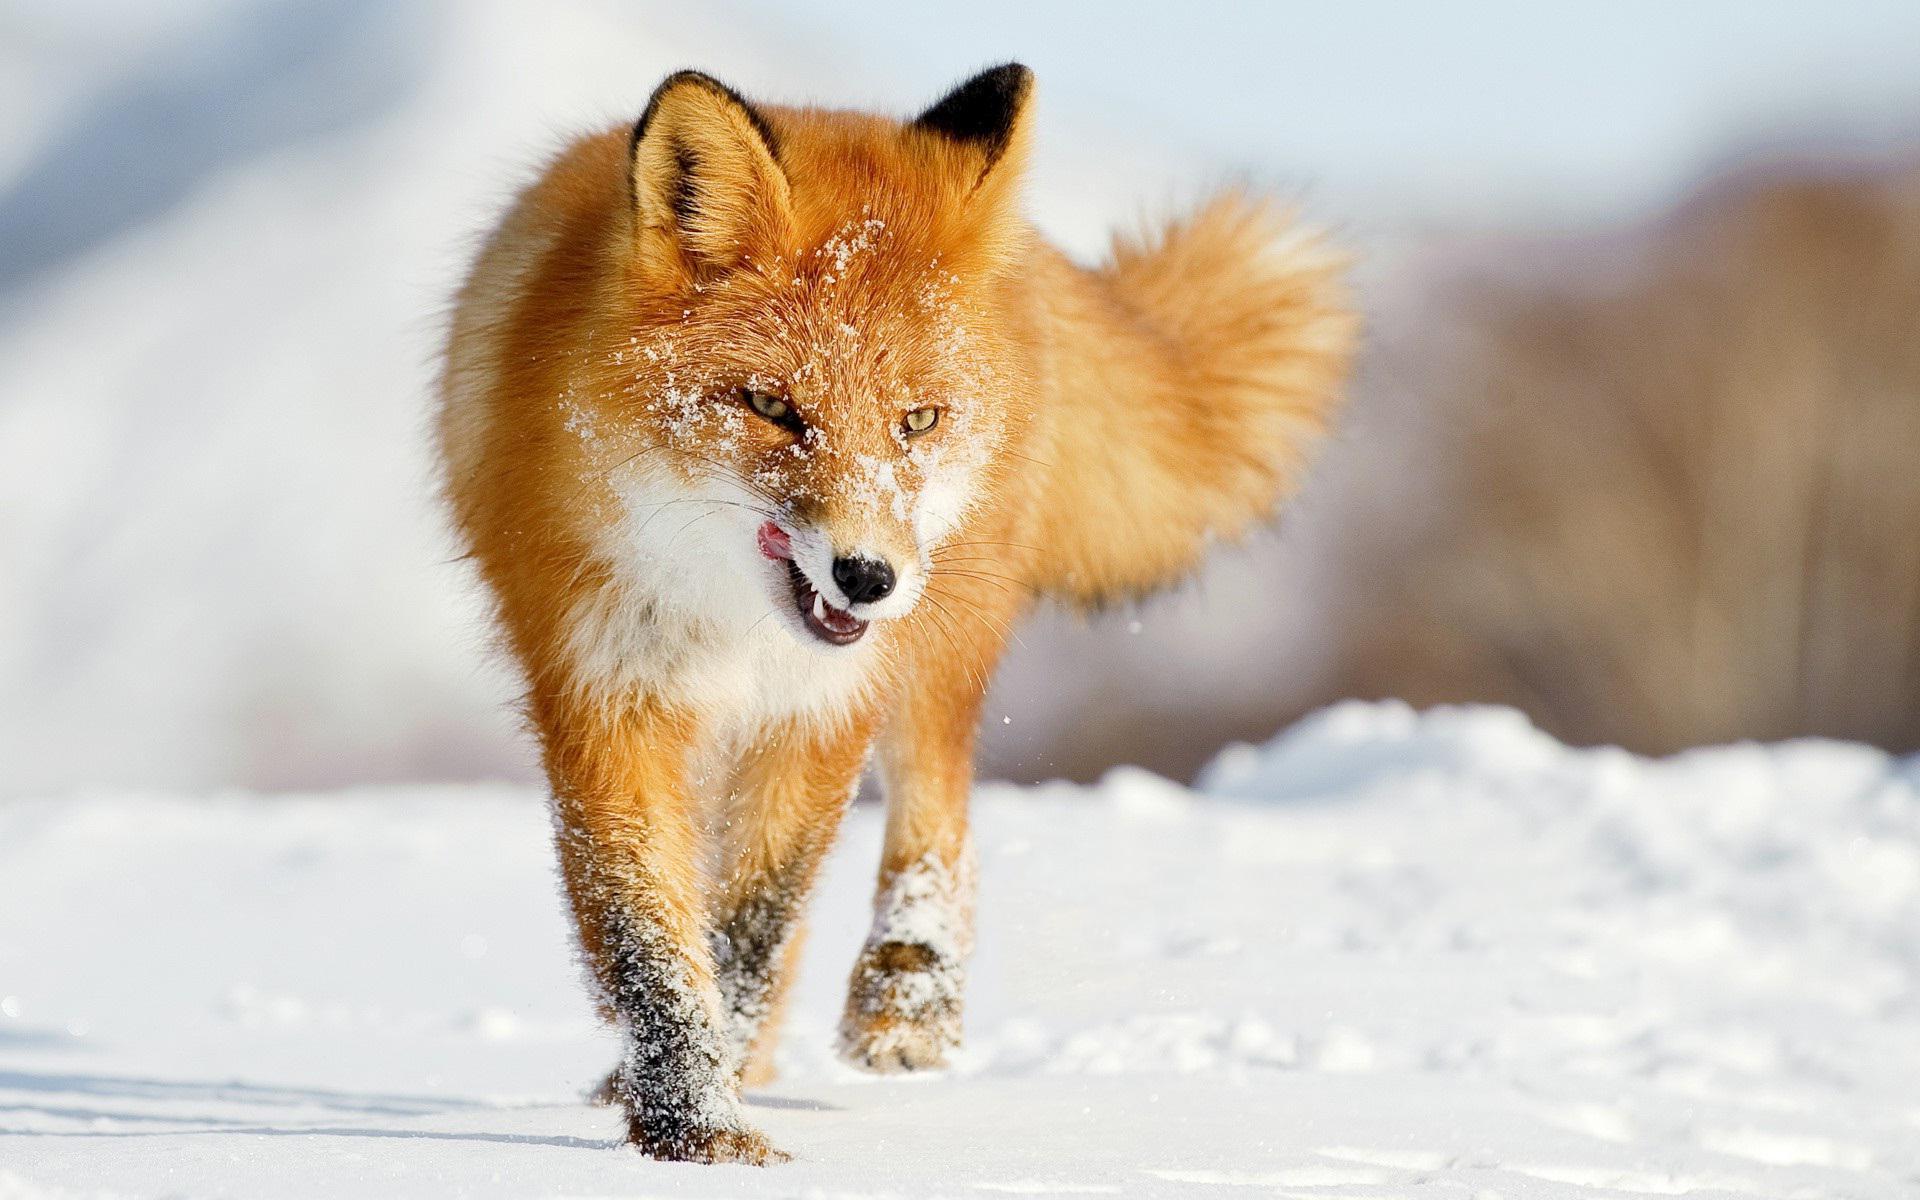 Fox Res: 1920x1200 / Size:233kb. Views: 147663